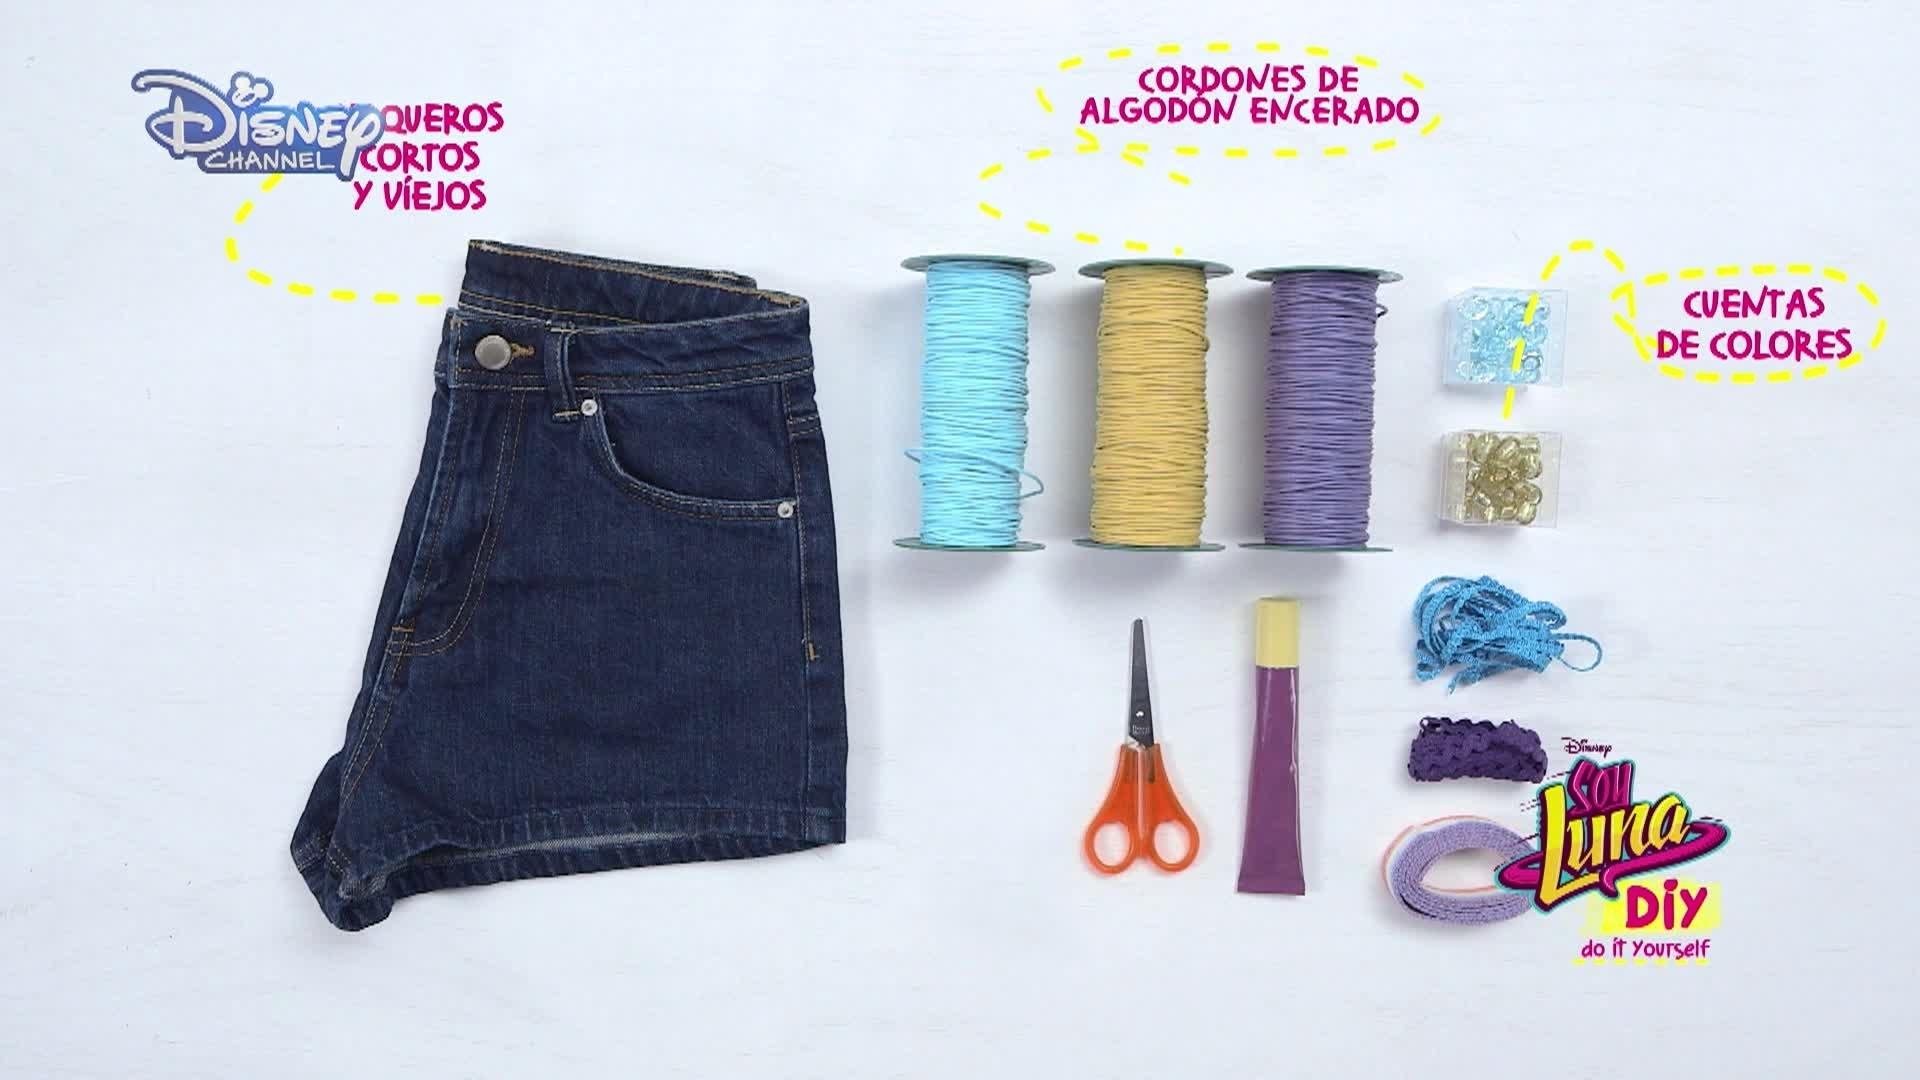 Soy Luna DIY: Fashion & Beauty - 8